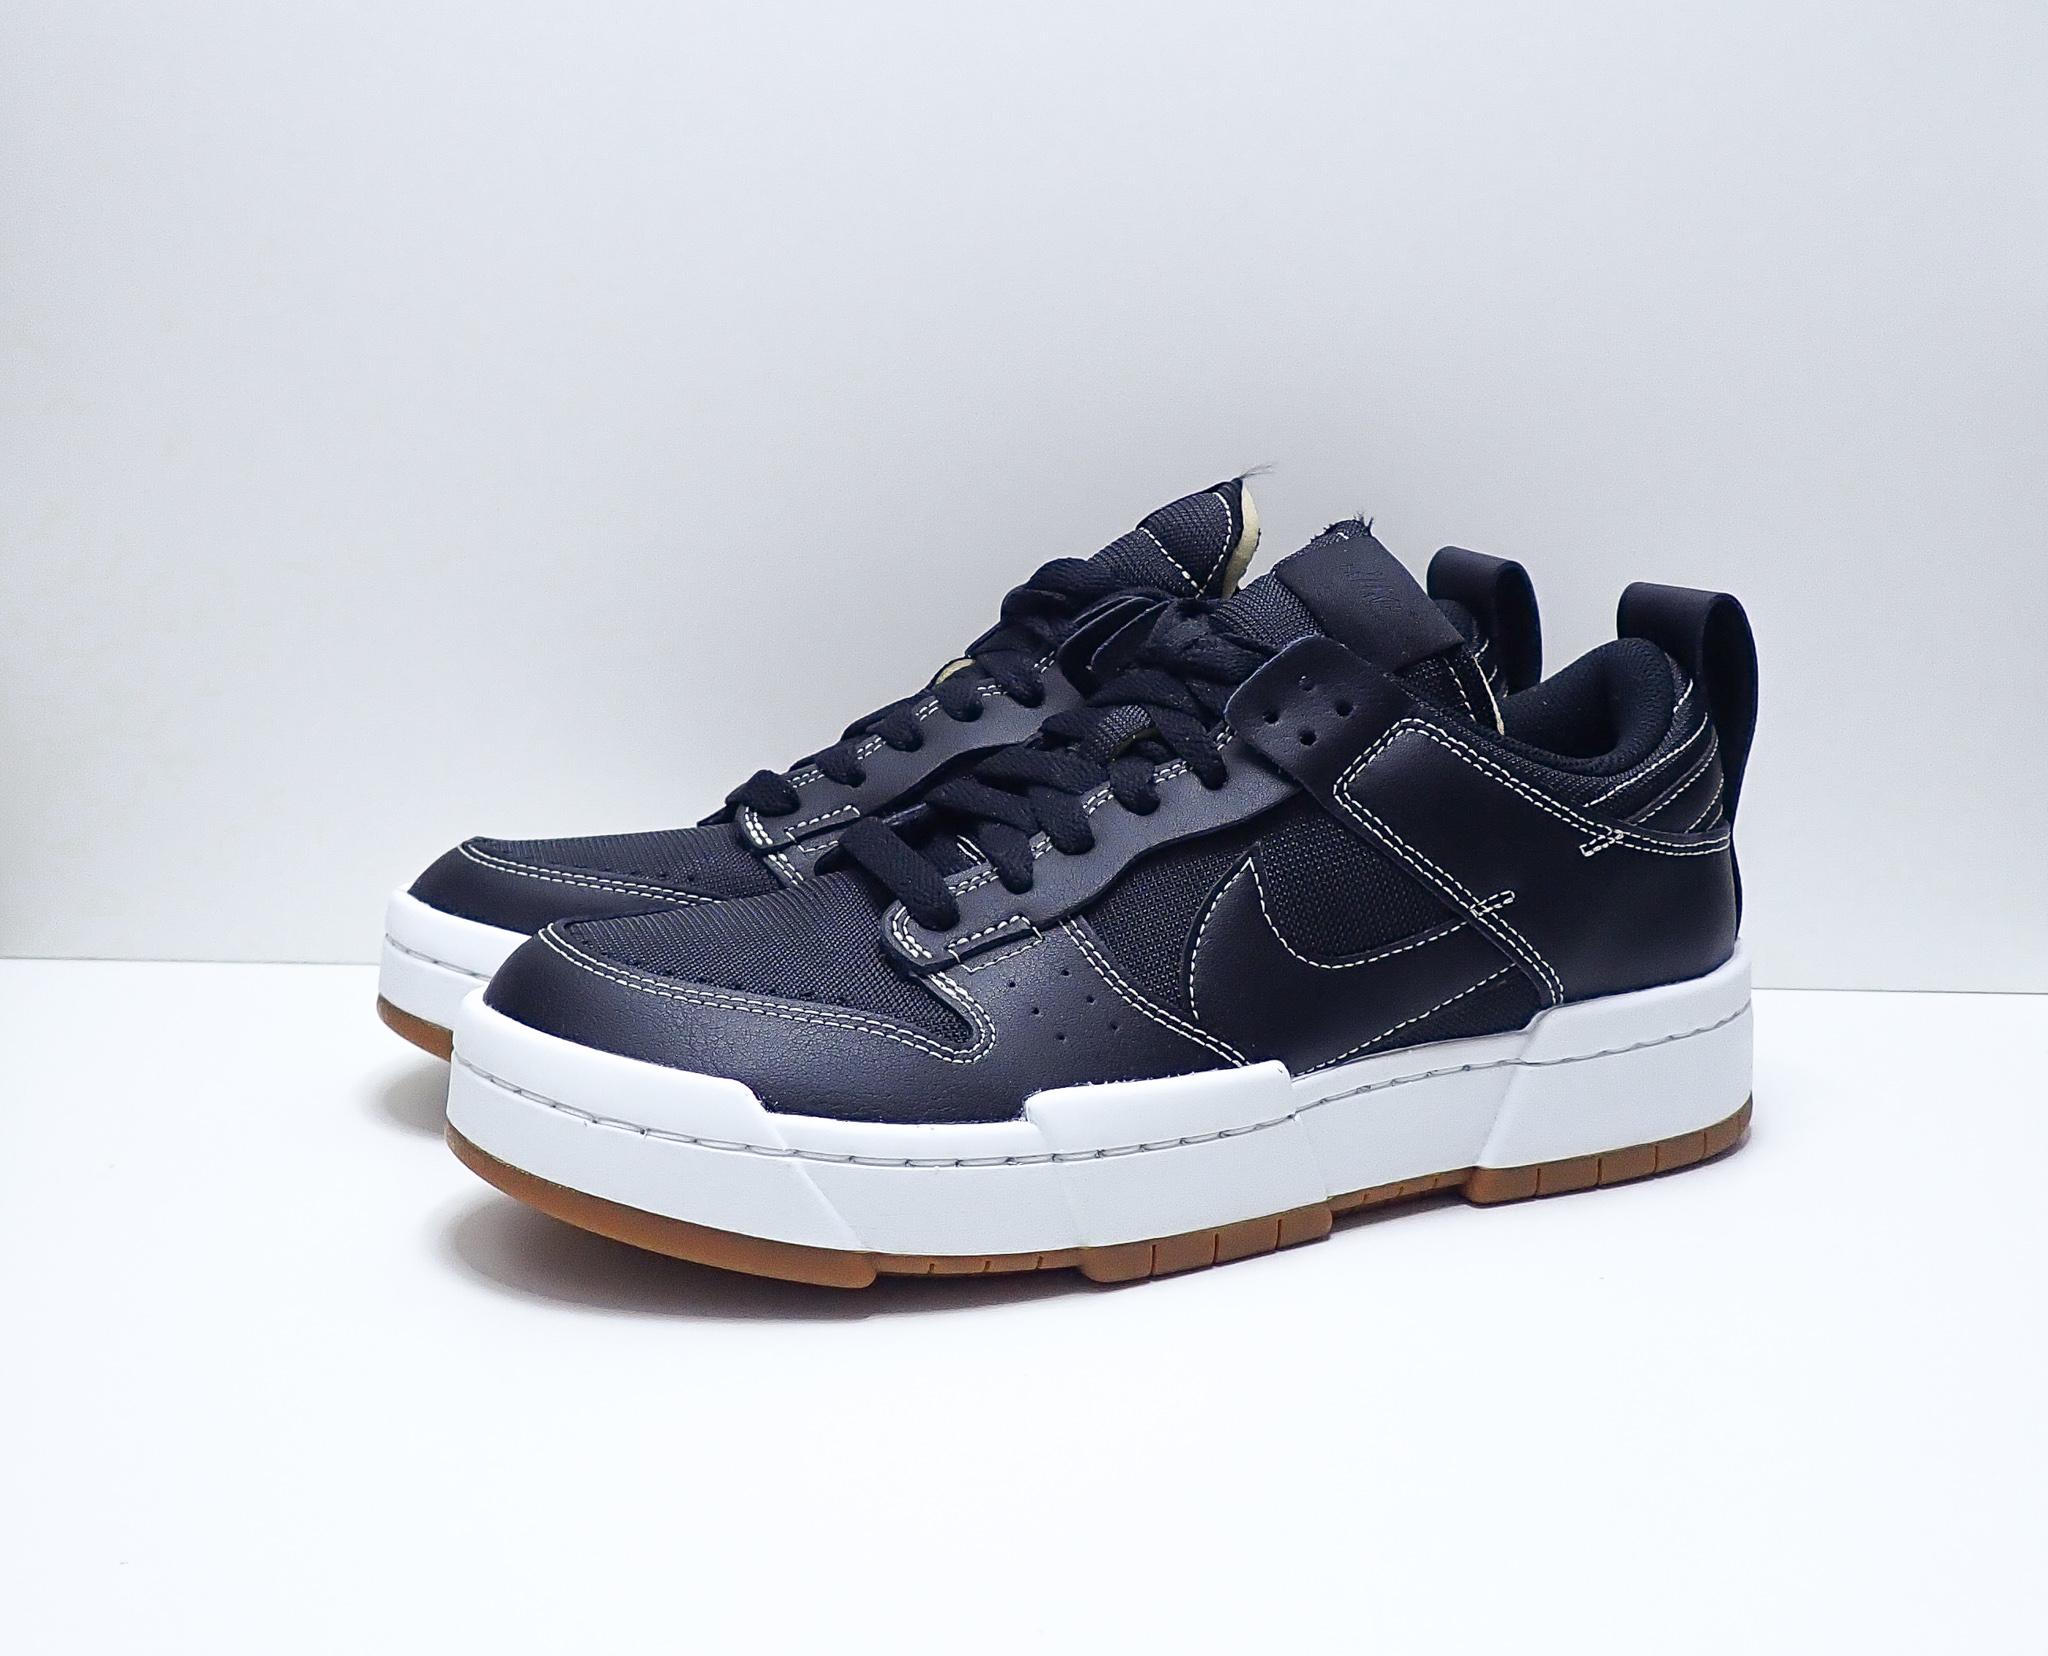 Nike Dunk Low Disrupt Black White Gum (W)